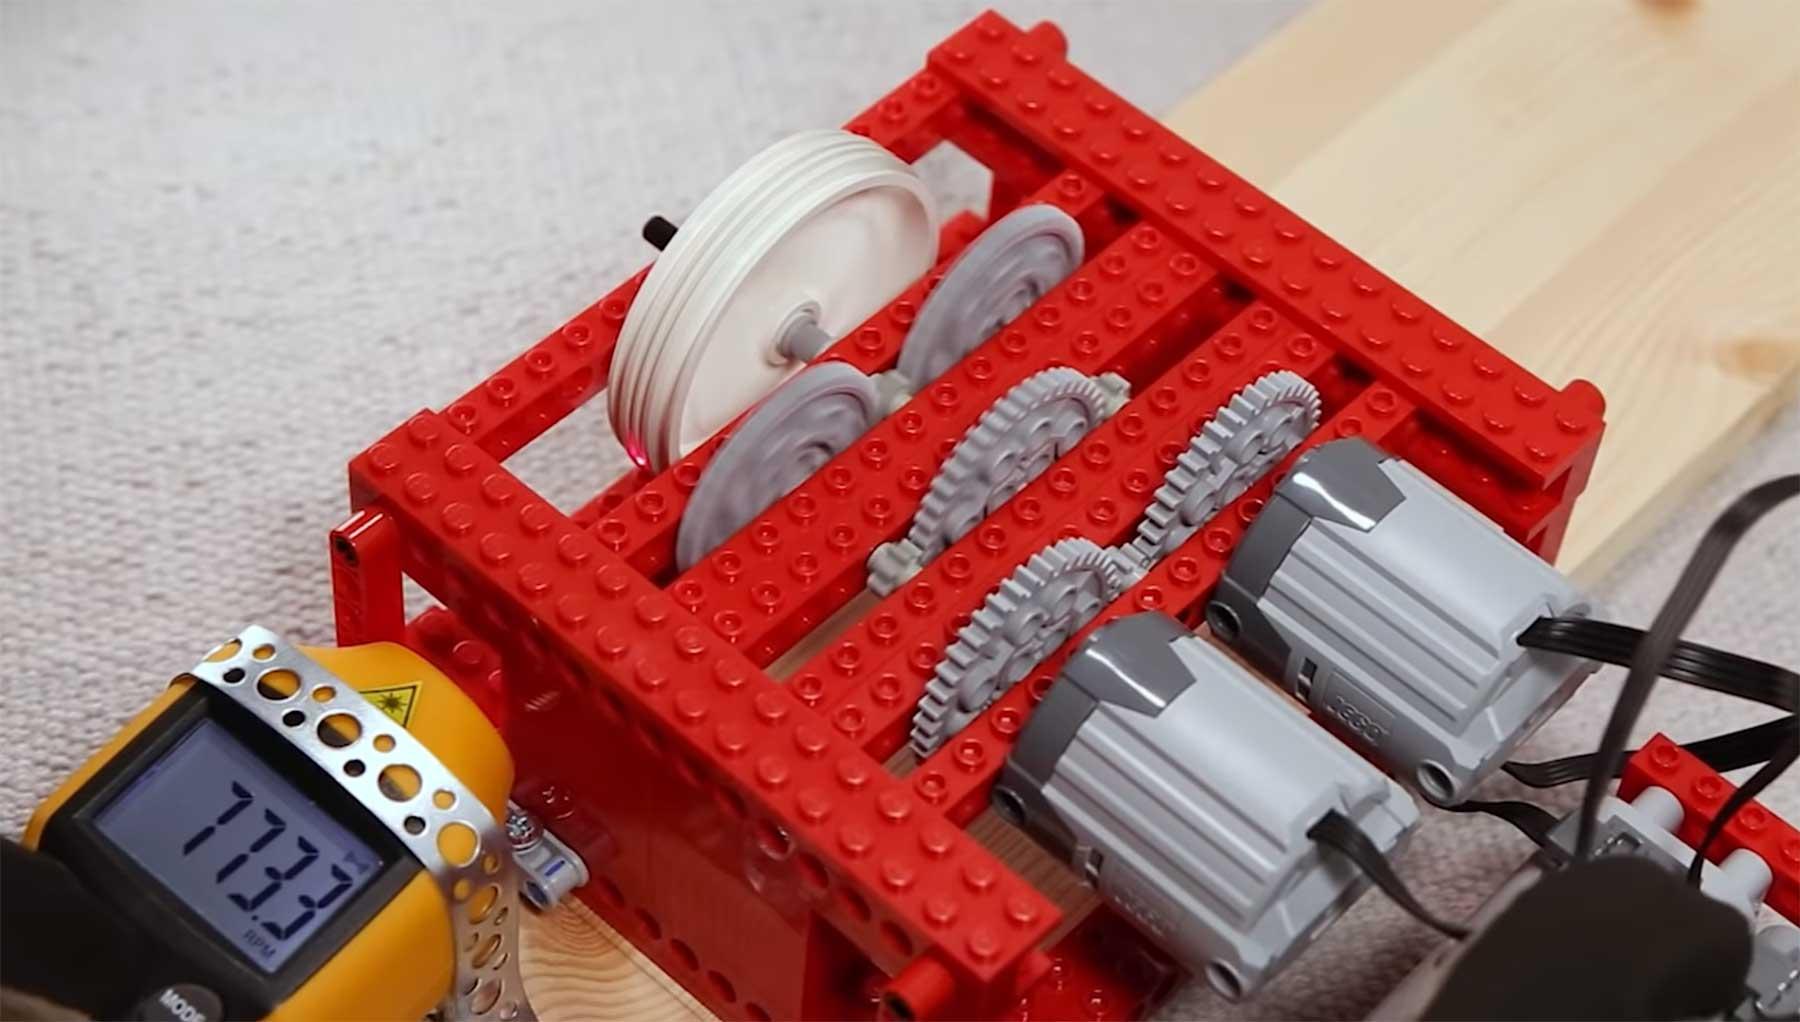 Wie schnell bekommt man eigentlich ein LEGO-Rad gedreht?